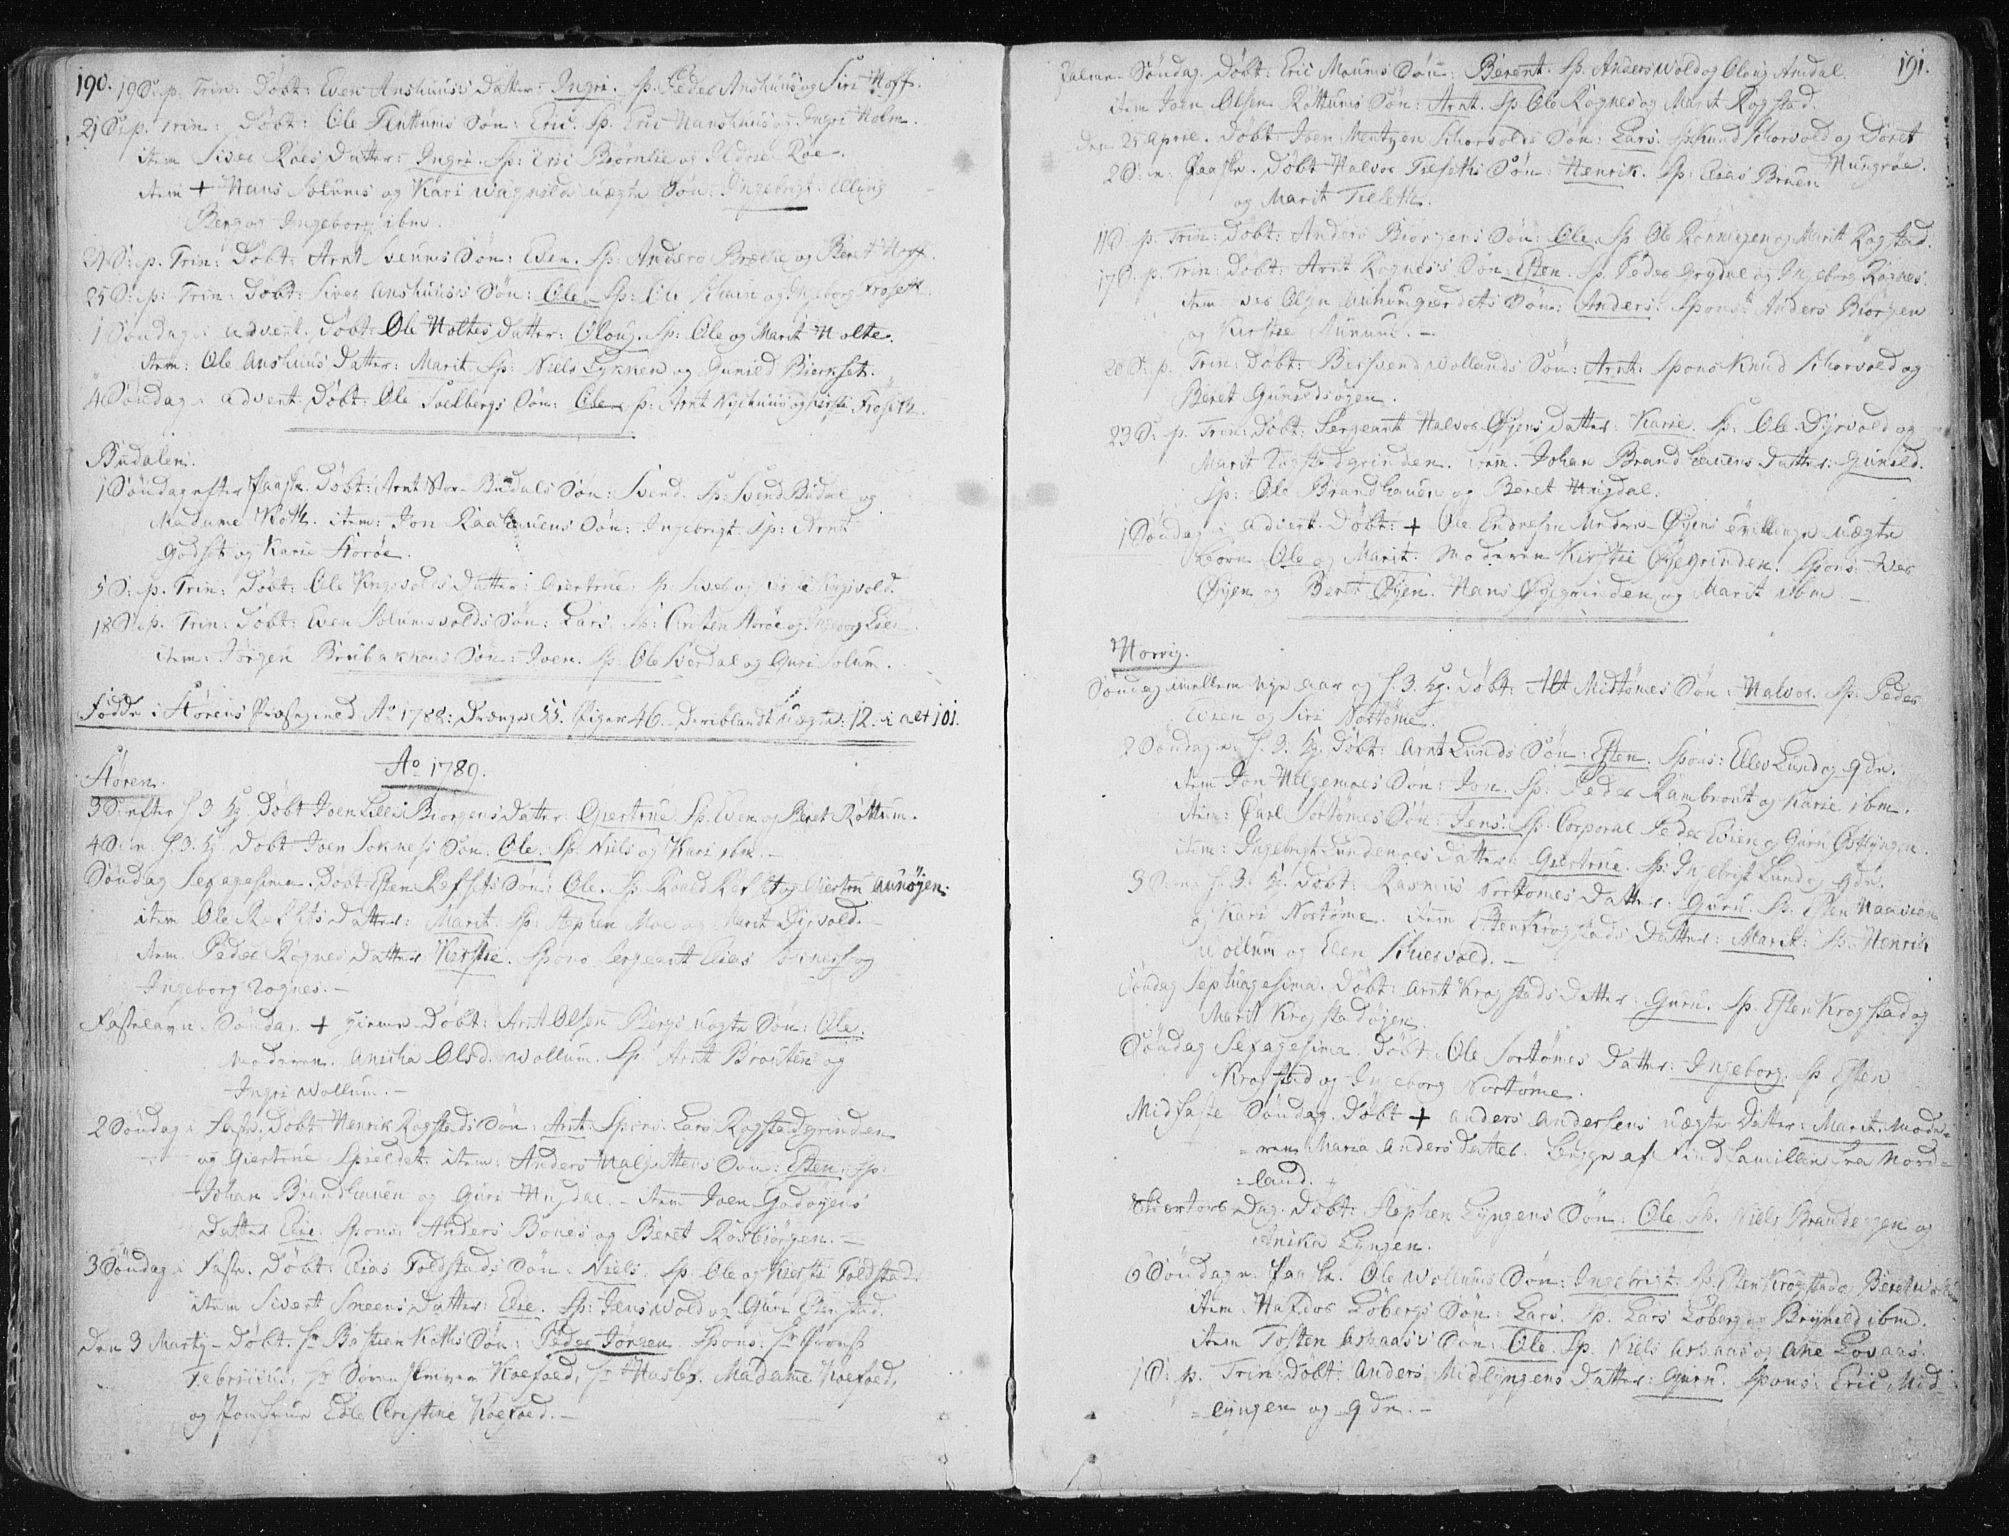 SAT, Ministerialprotokoller, klokkerbøker og fødselsregistre - Sør-Trøndelag, 687/L0992: Ministerialbok nr. 687A03 /1, 1788-1815, s. 190-191